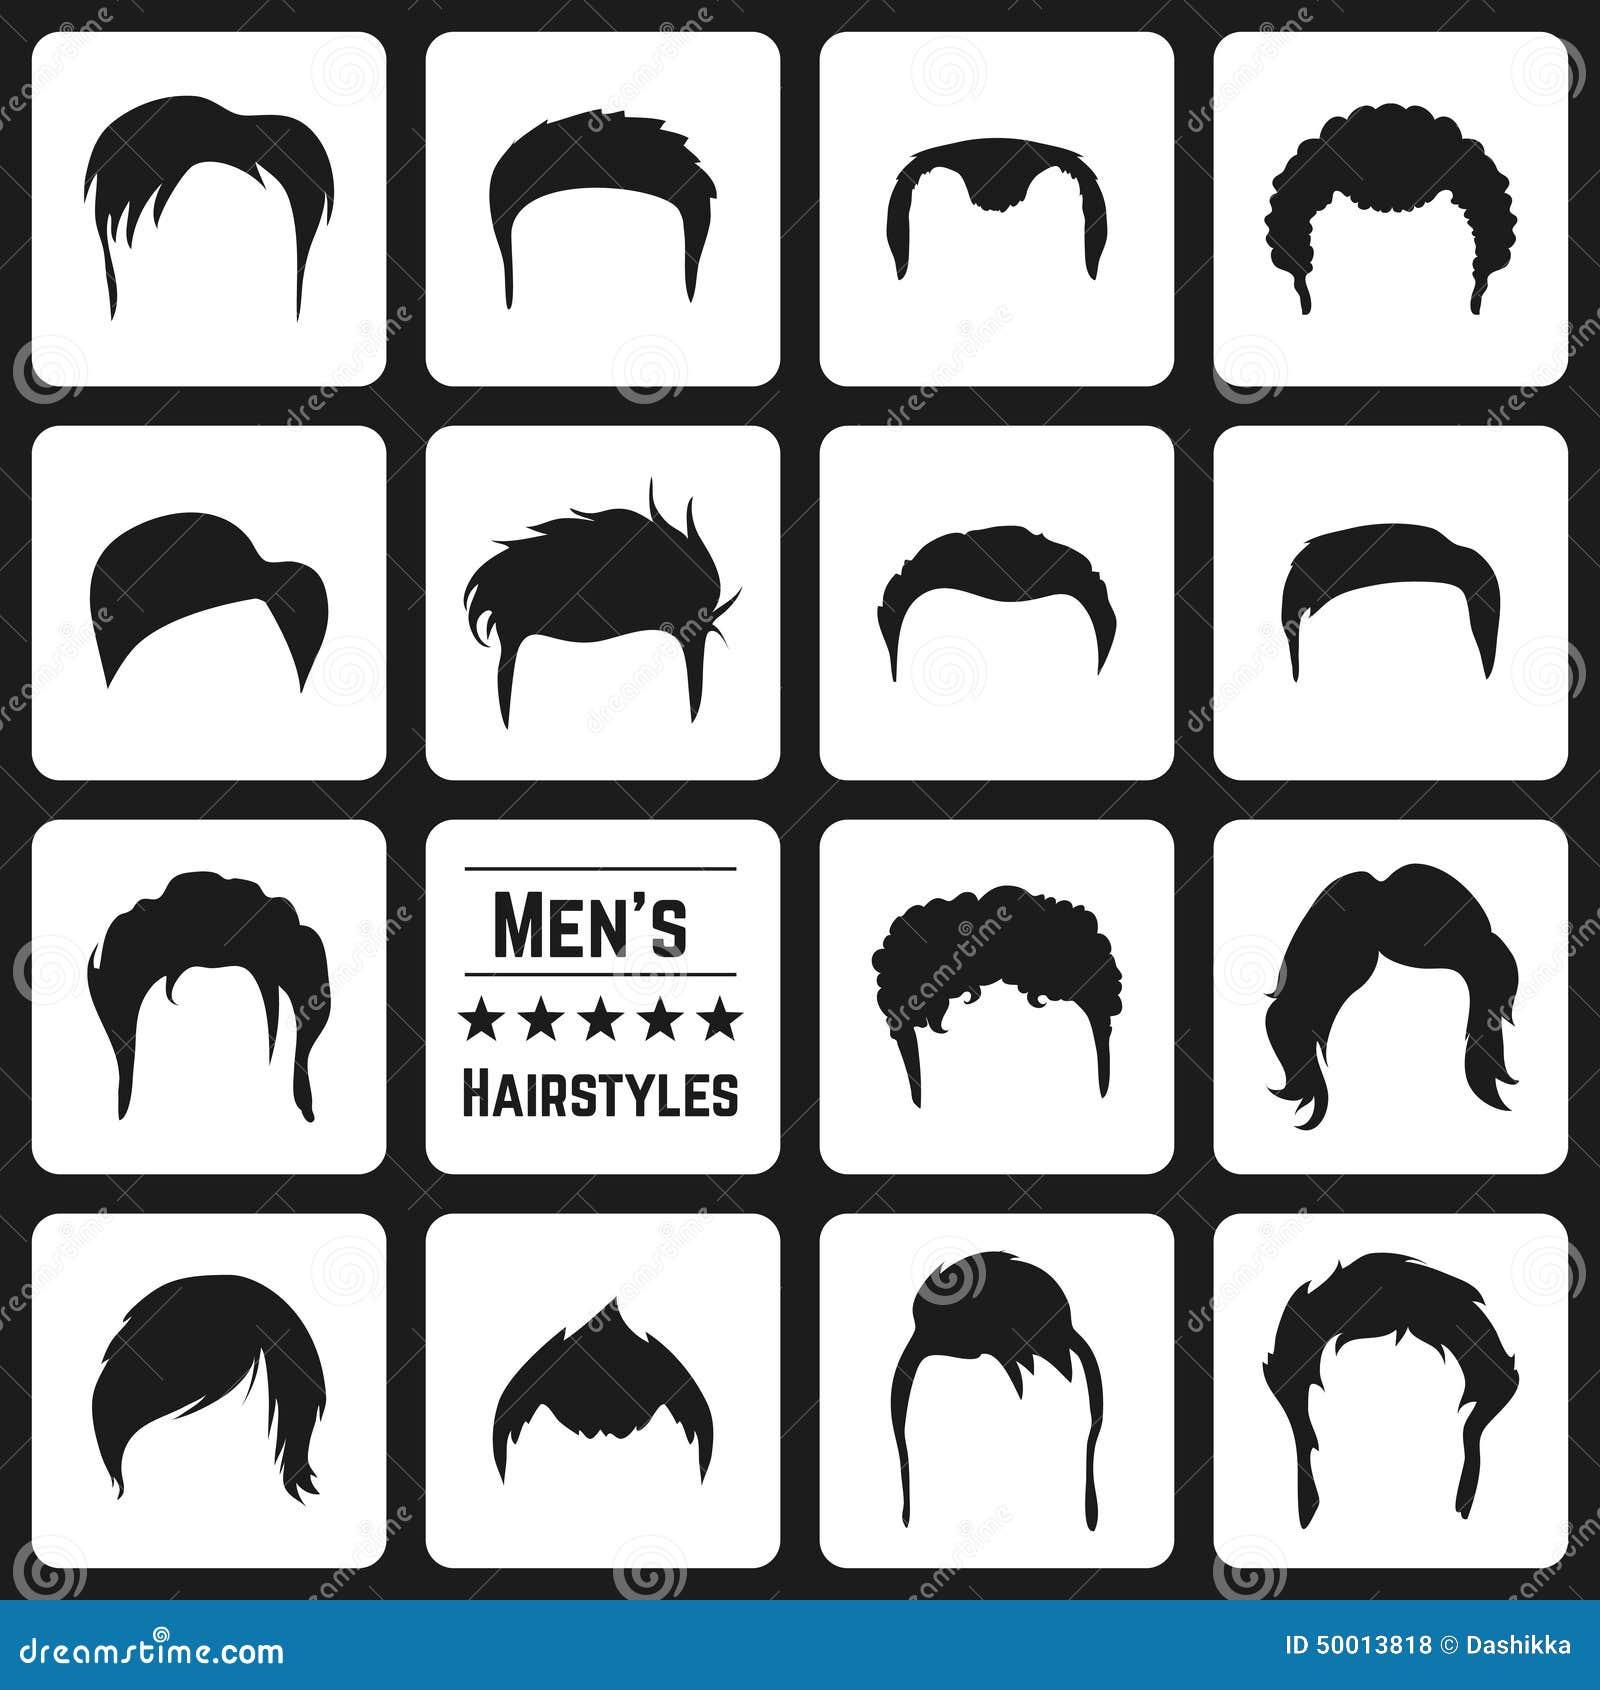 Les Coupes De Cheveux Des Hommes Illustration De Vecteur